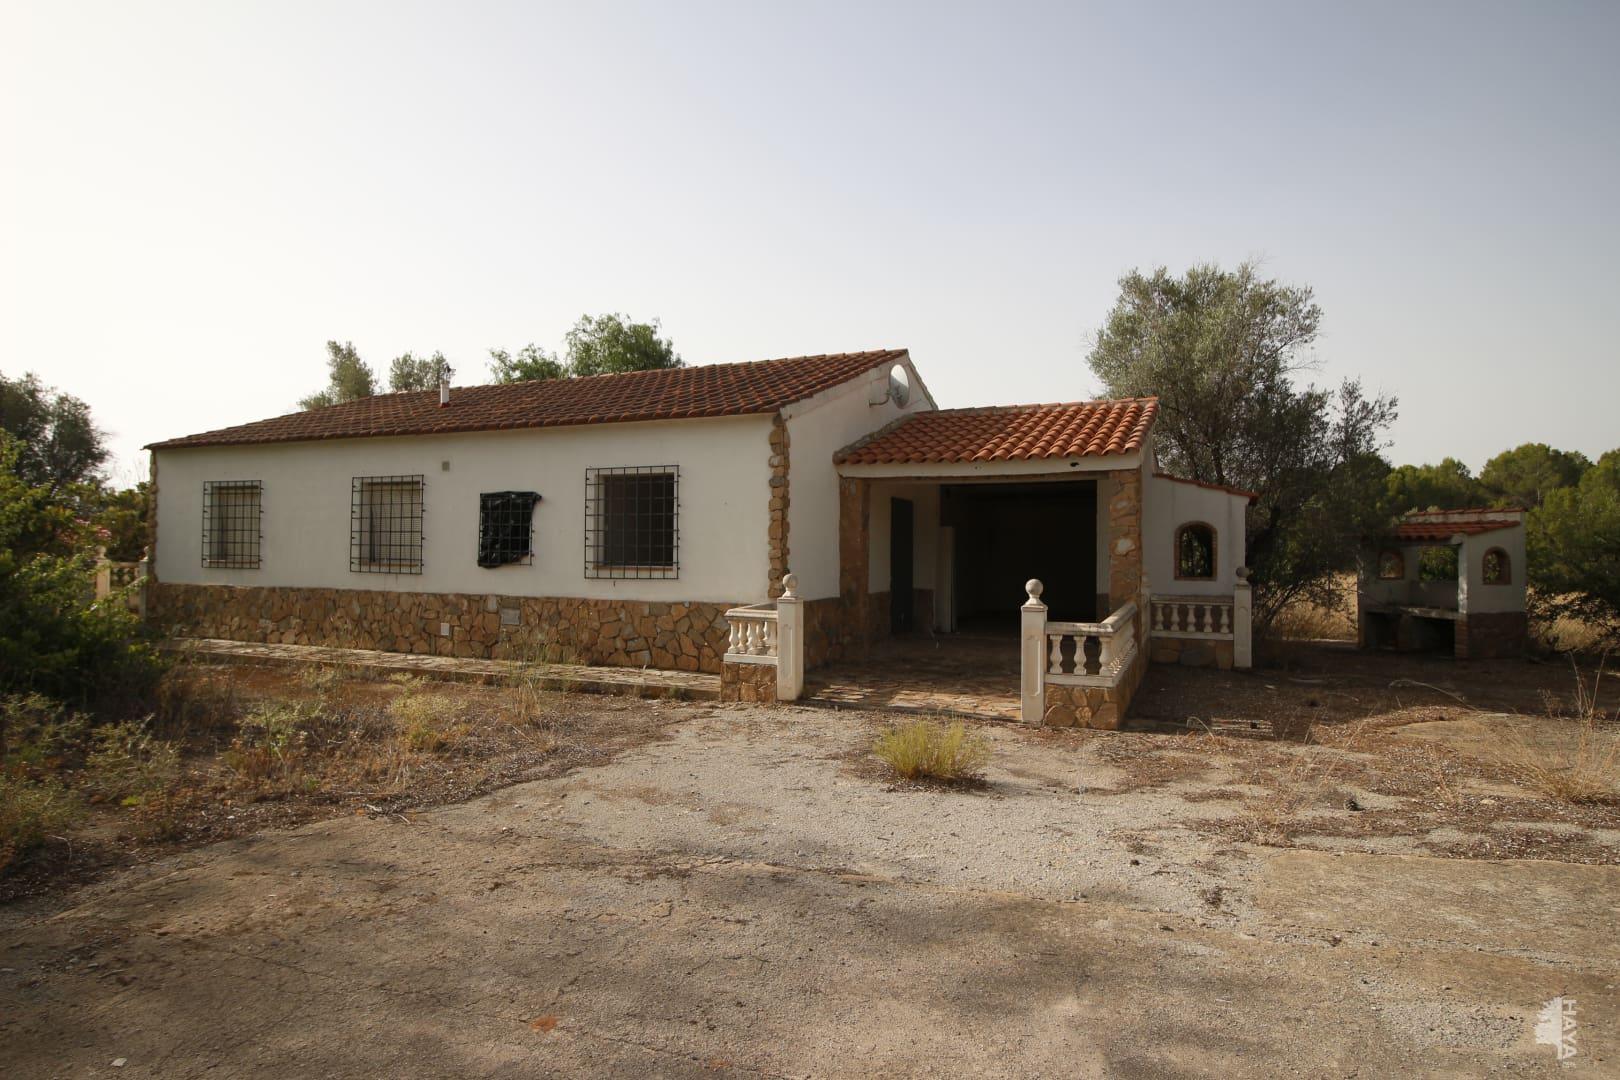 Piso en venta en El Llano de Bullas, Bullas, Murcia, Calle Codoñas, 54.612 €, 3 habitaciones, 1 baño, 135 m2